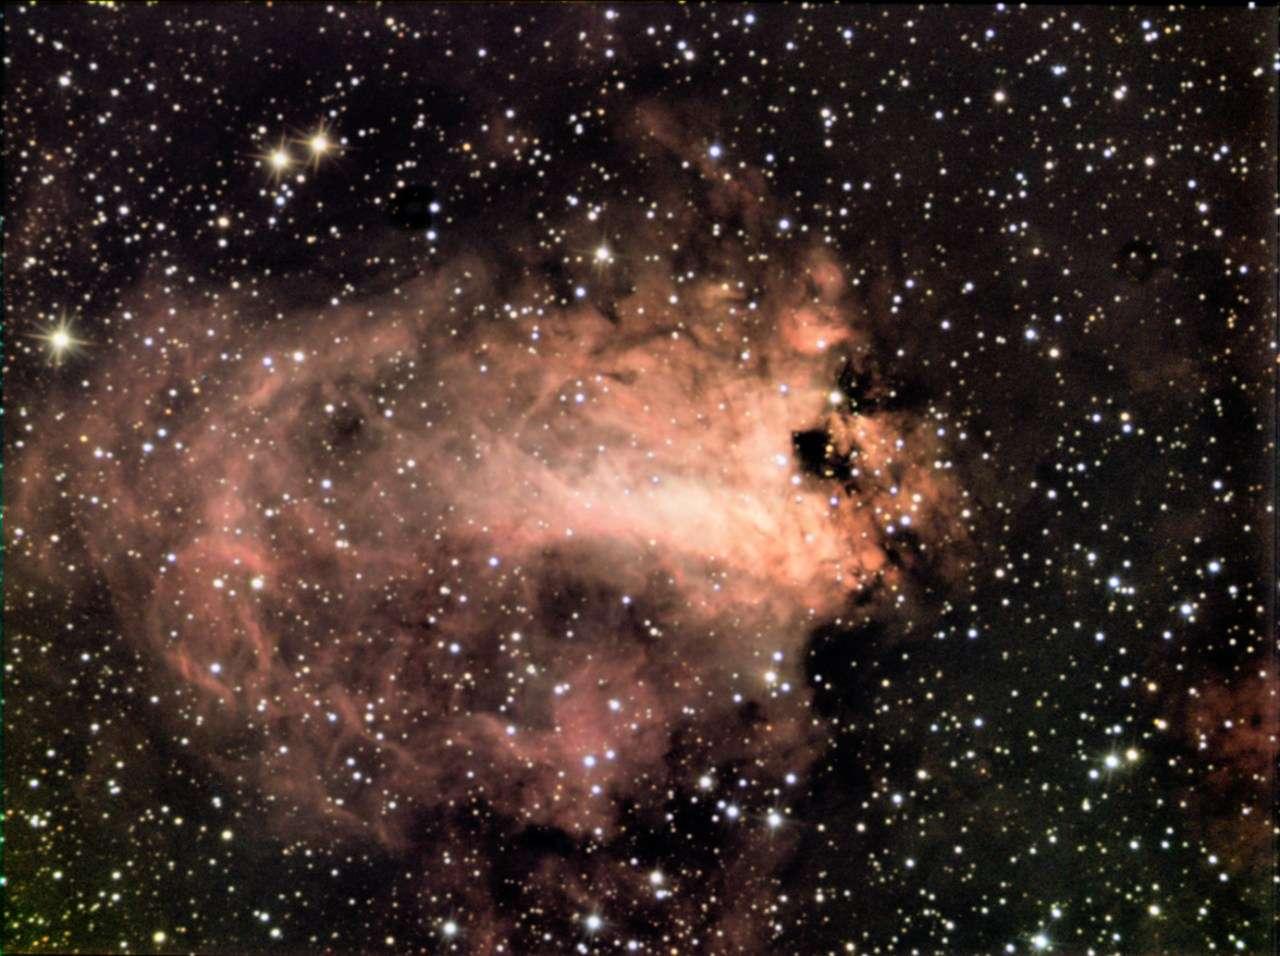 Image réalisée par «Chamois» (son pseudo sur le forum) avec une caméra CCD et un télescope de 200 mm.